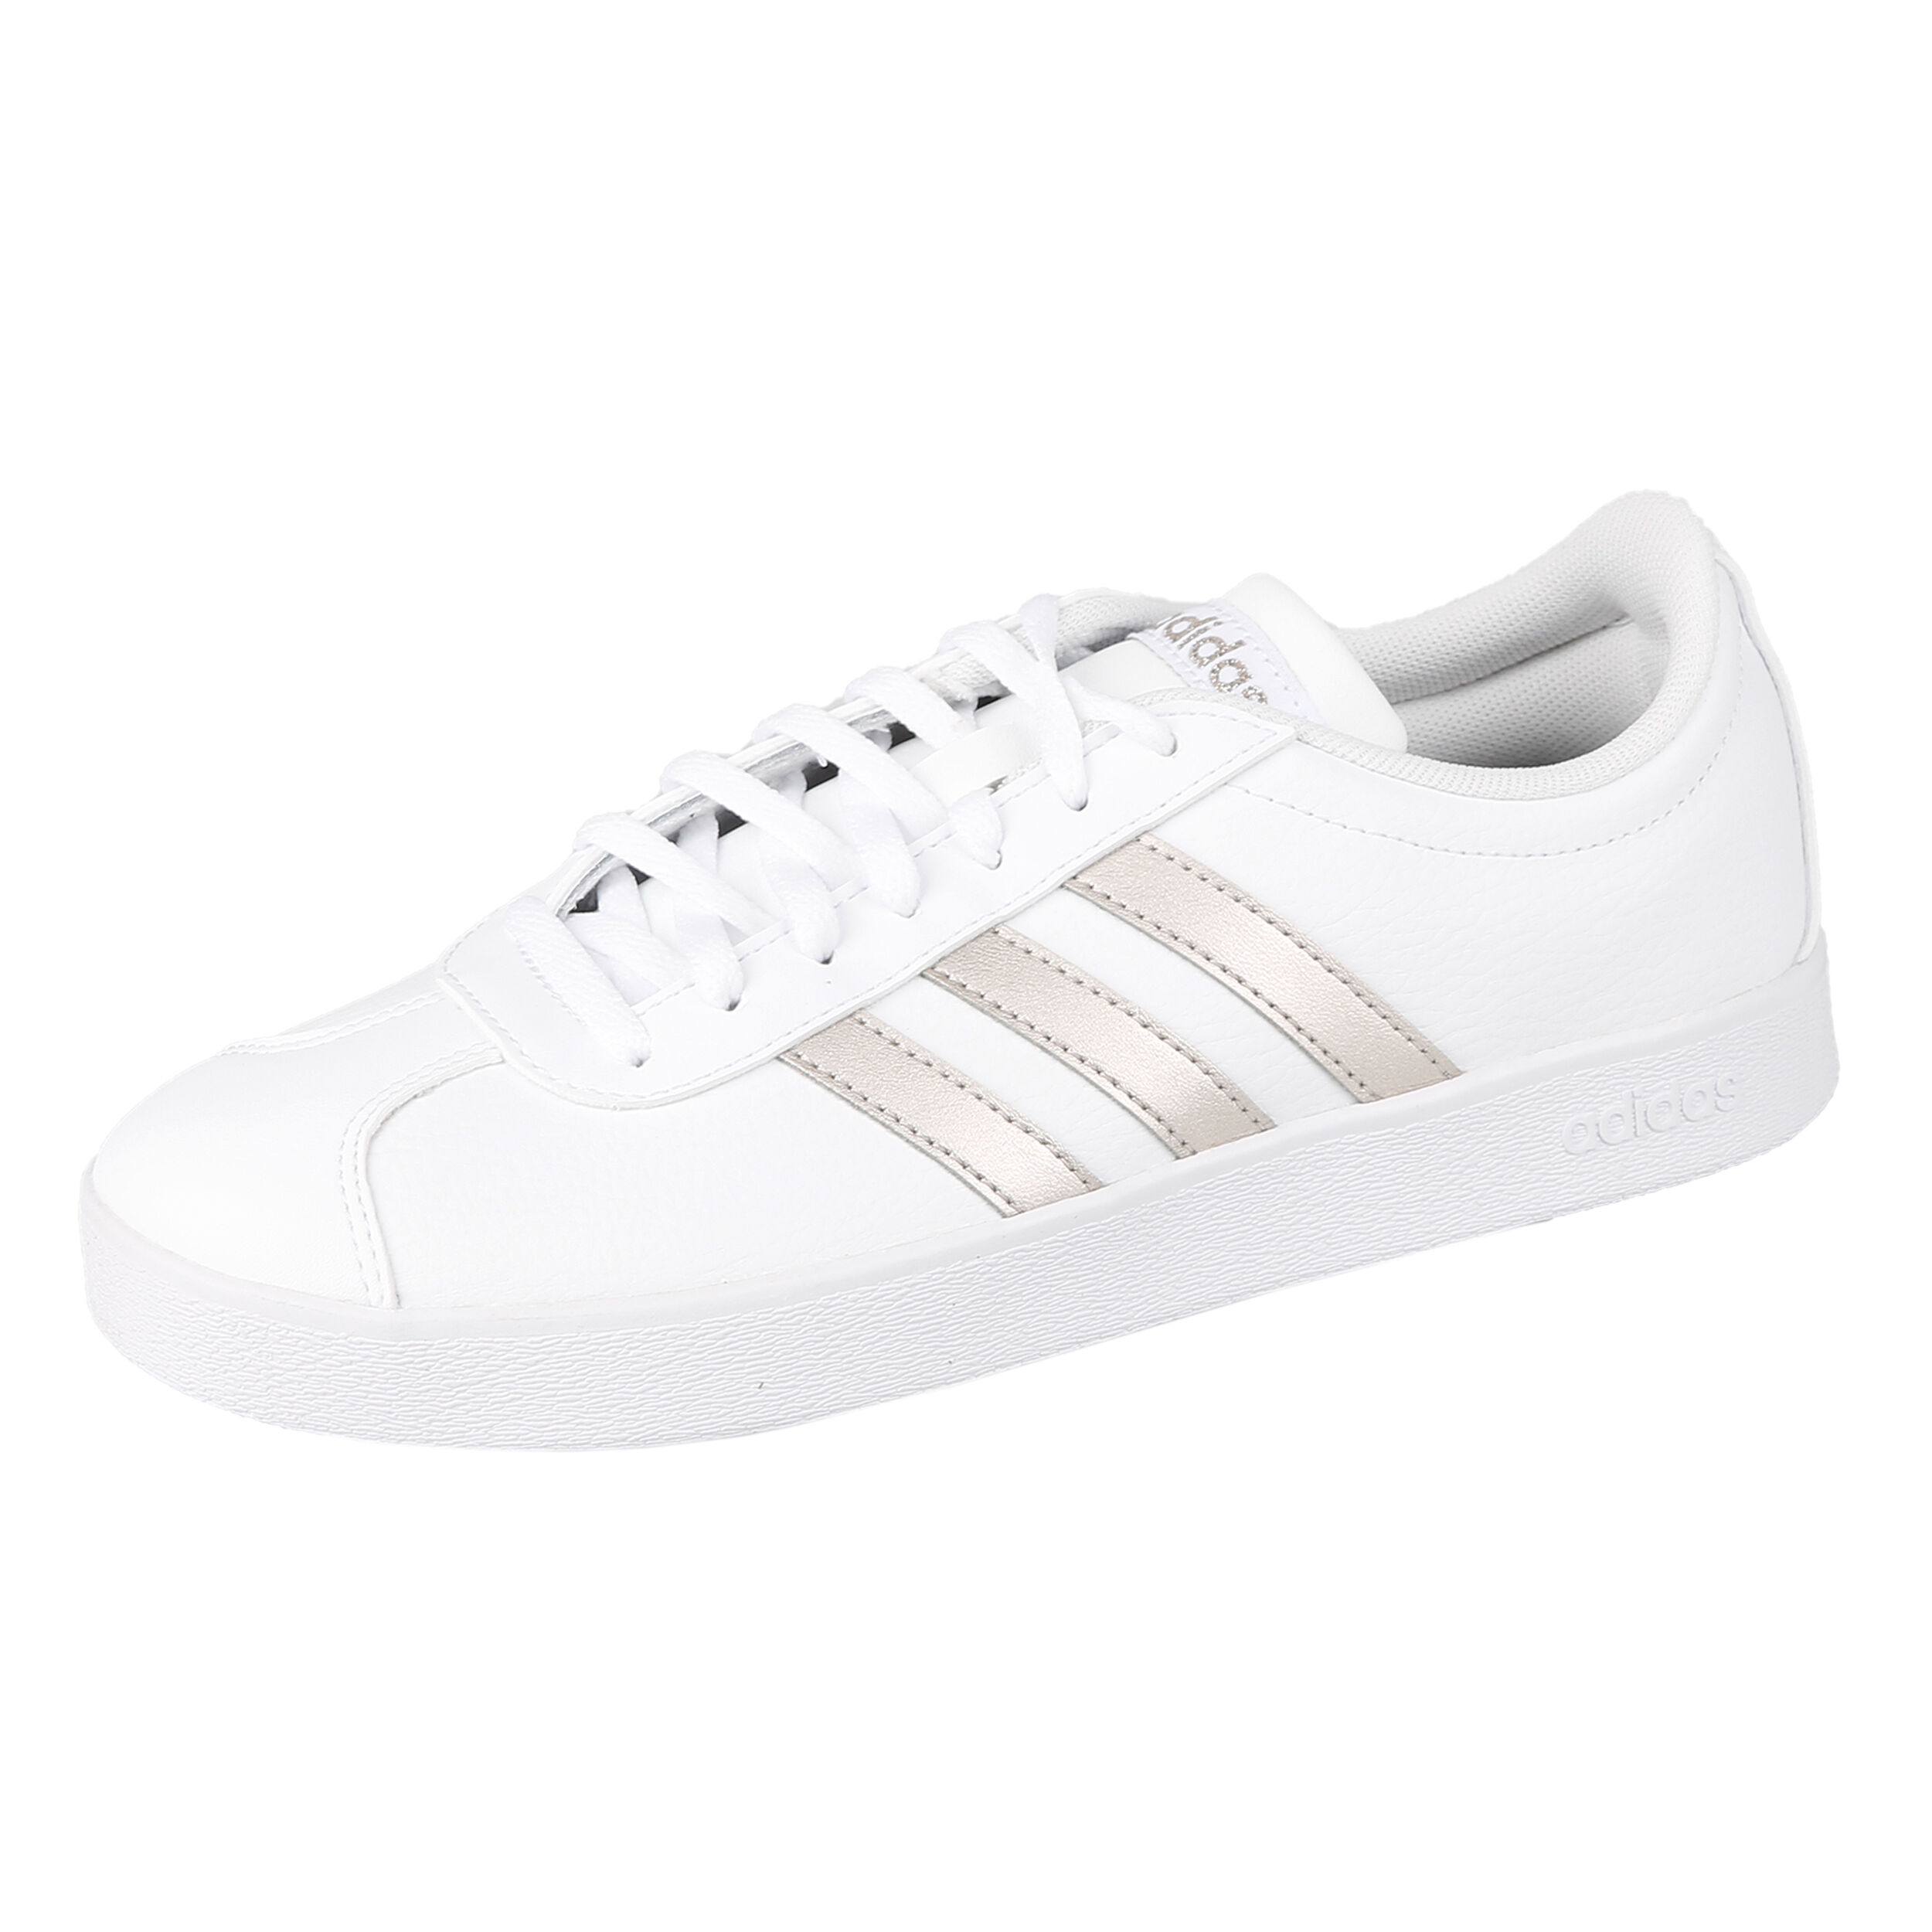 adidas VL Court 2.0 Sneaker Damen - Weiß, Gold online kaufen ...